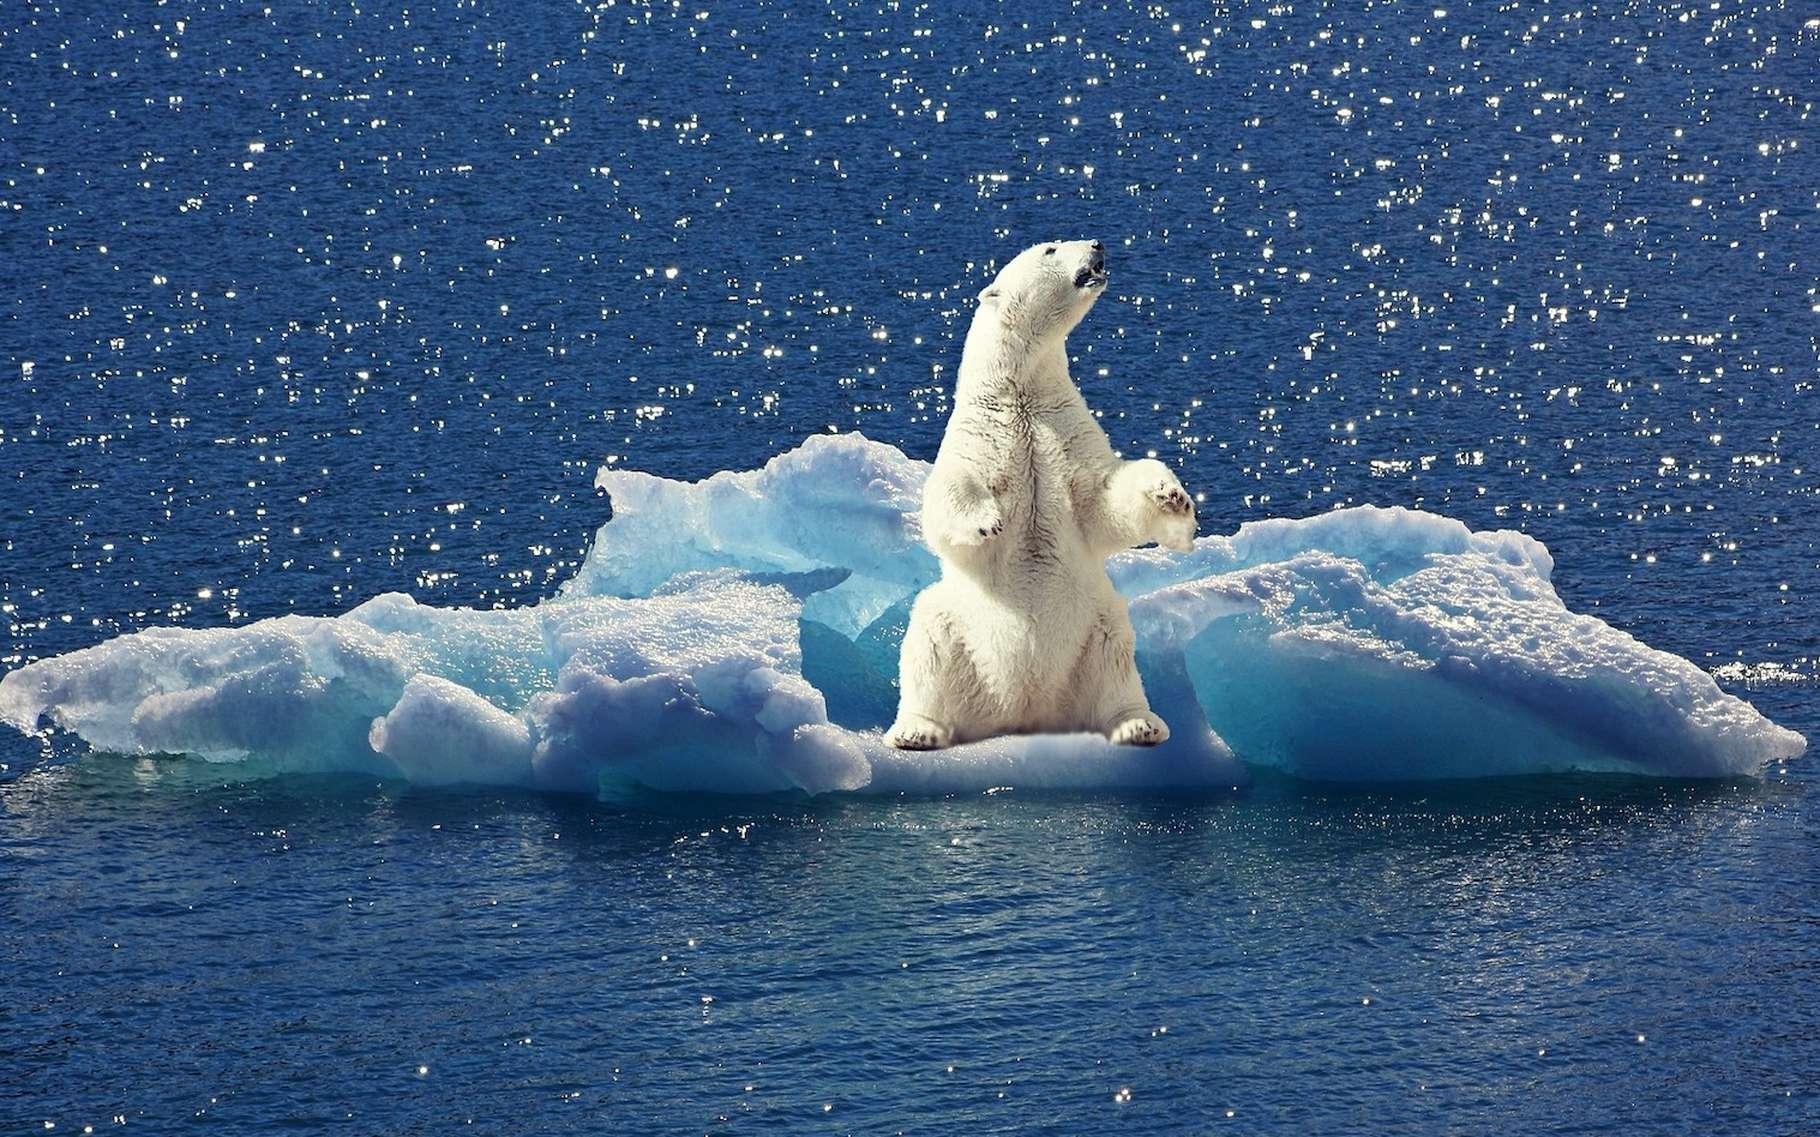 Hausse de la température des océans, élévation du niveau de la mer, accroissement de l'acidification des océans, recul de la banquise et des glaciers. Le dernier rapport de l'Organisation météorologique mondiale dresse, pour 2018, un triste état du climat. © cocoparisienne, Pixabay, Pixabay License